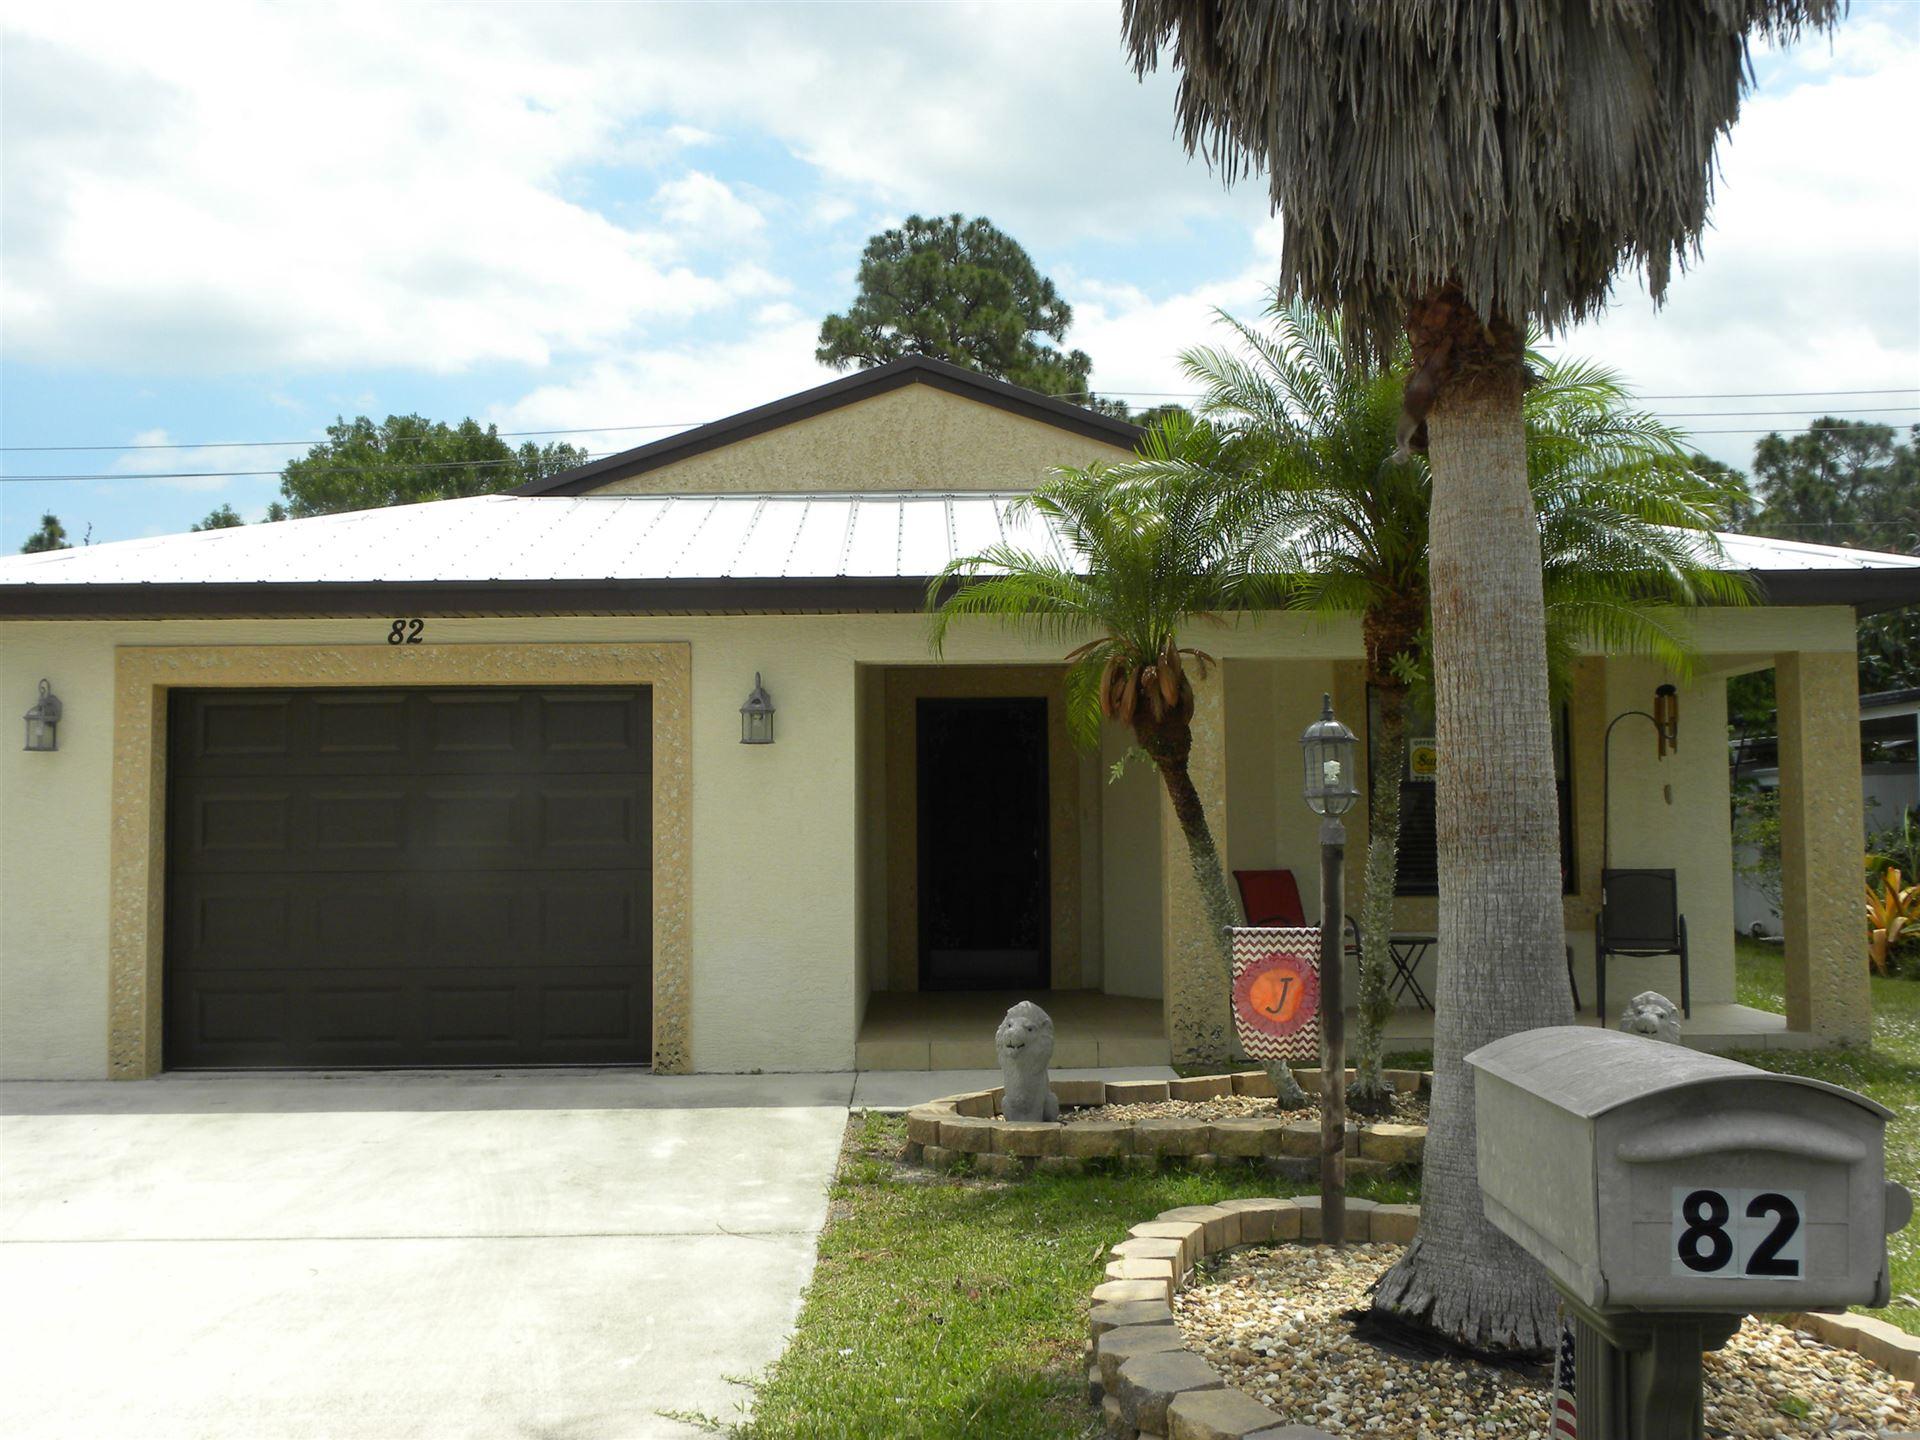 82 Mediterranean Boulevard E, Port Saint Lucie, FL 34952 - #: RX-10714410